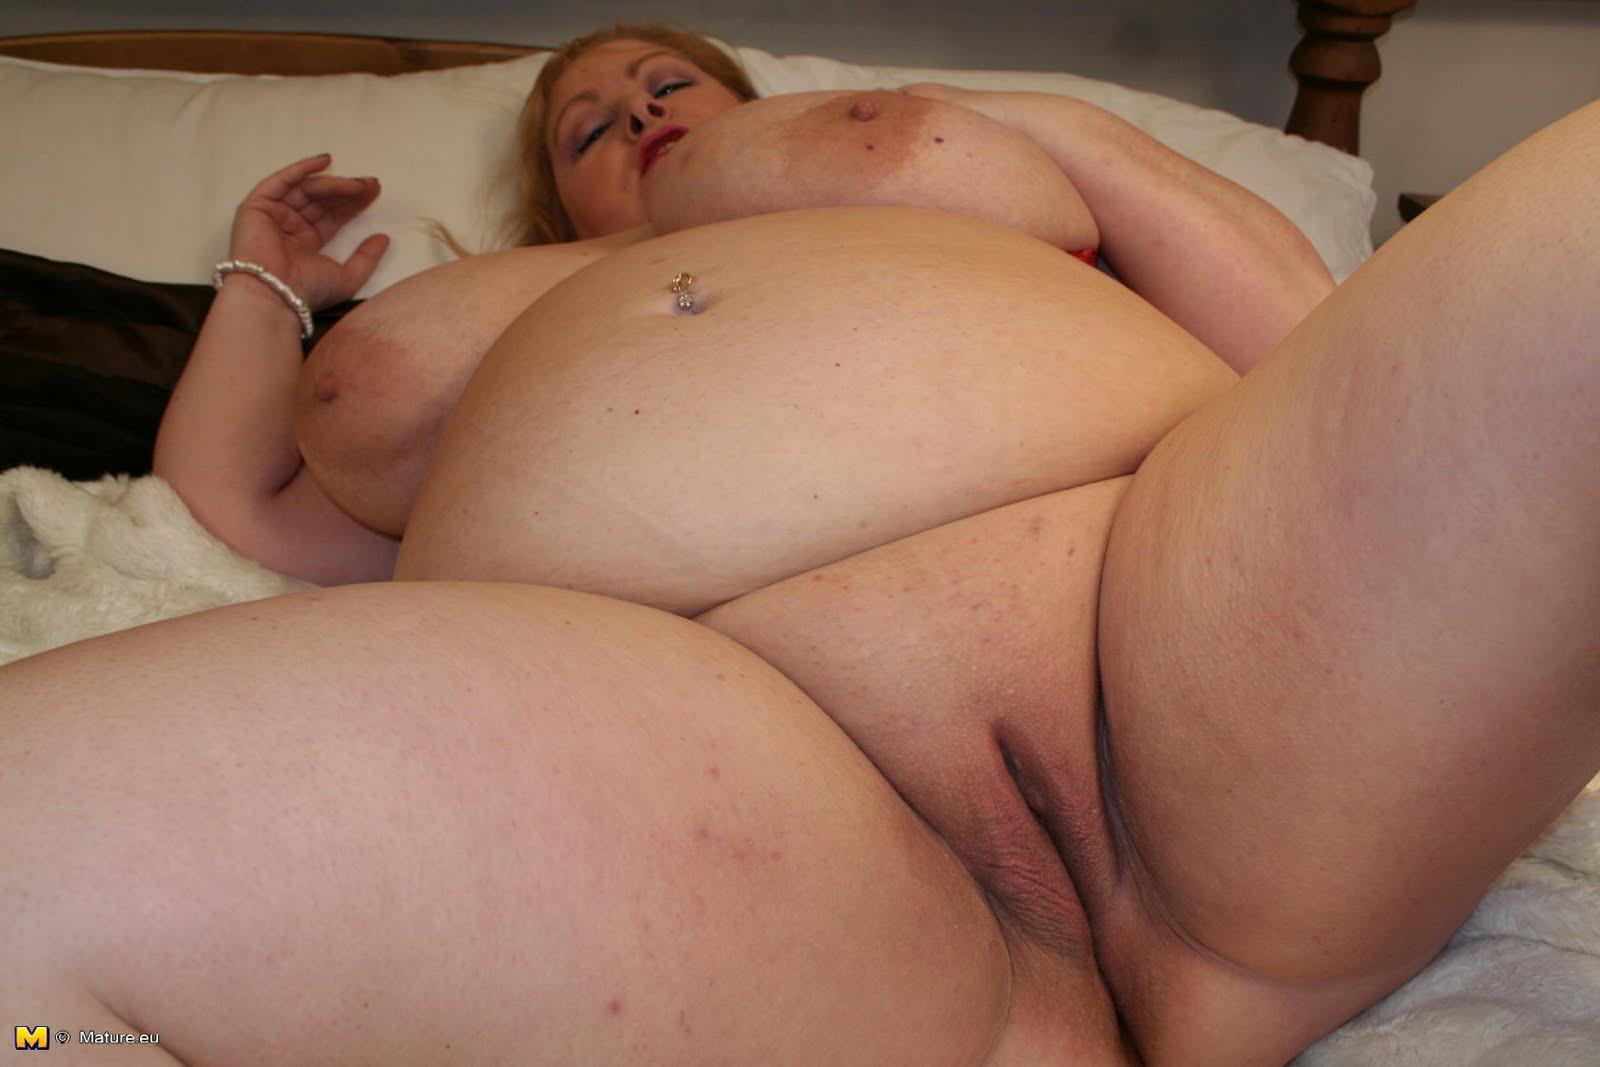 Fat art porn pics naked clip